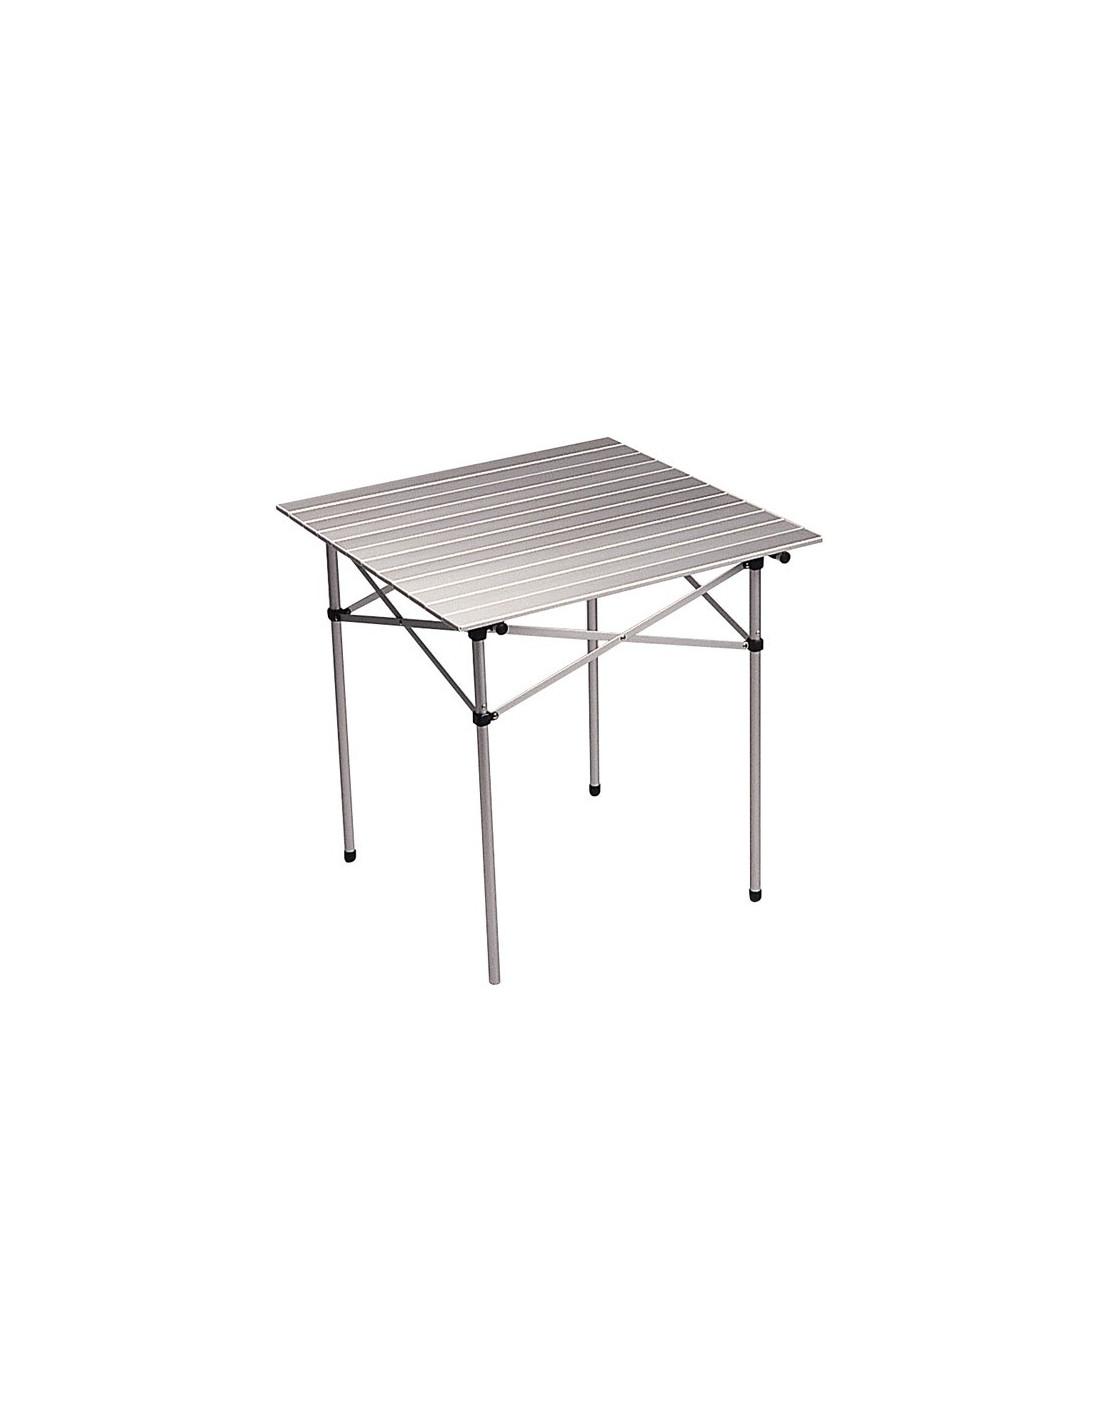 Mesa cuadrada aluminio plegable 70x70 cm tienda de for Mesa de camping plegable de aluminio